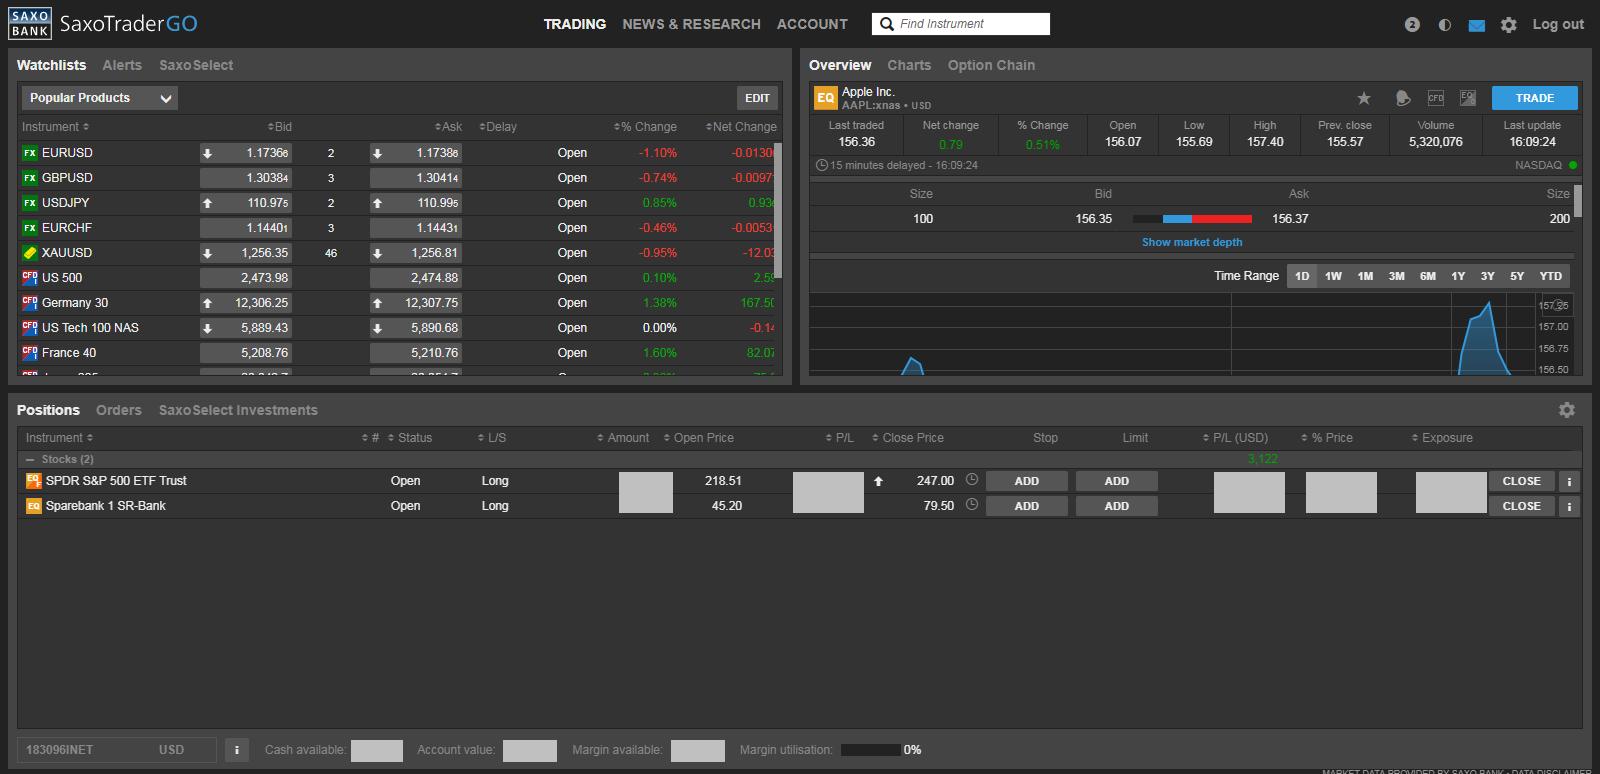 Saxo bank trading platform